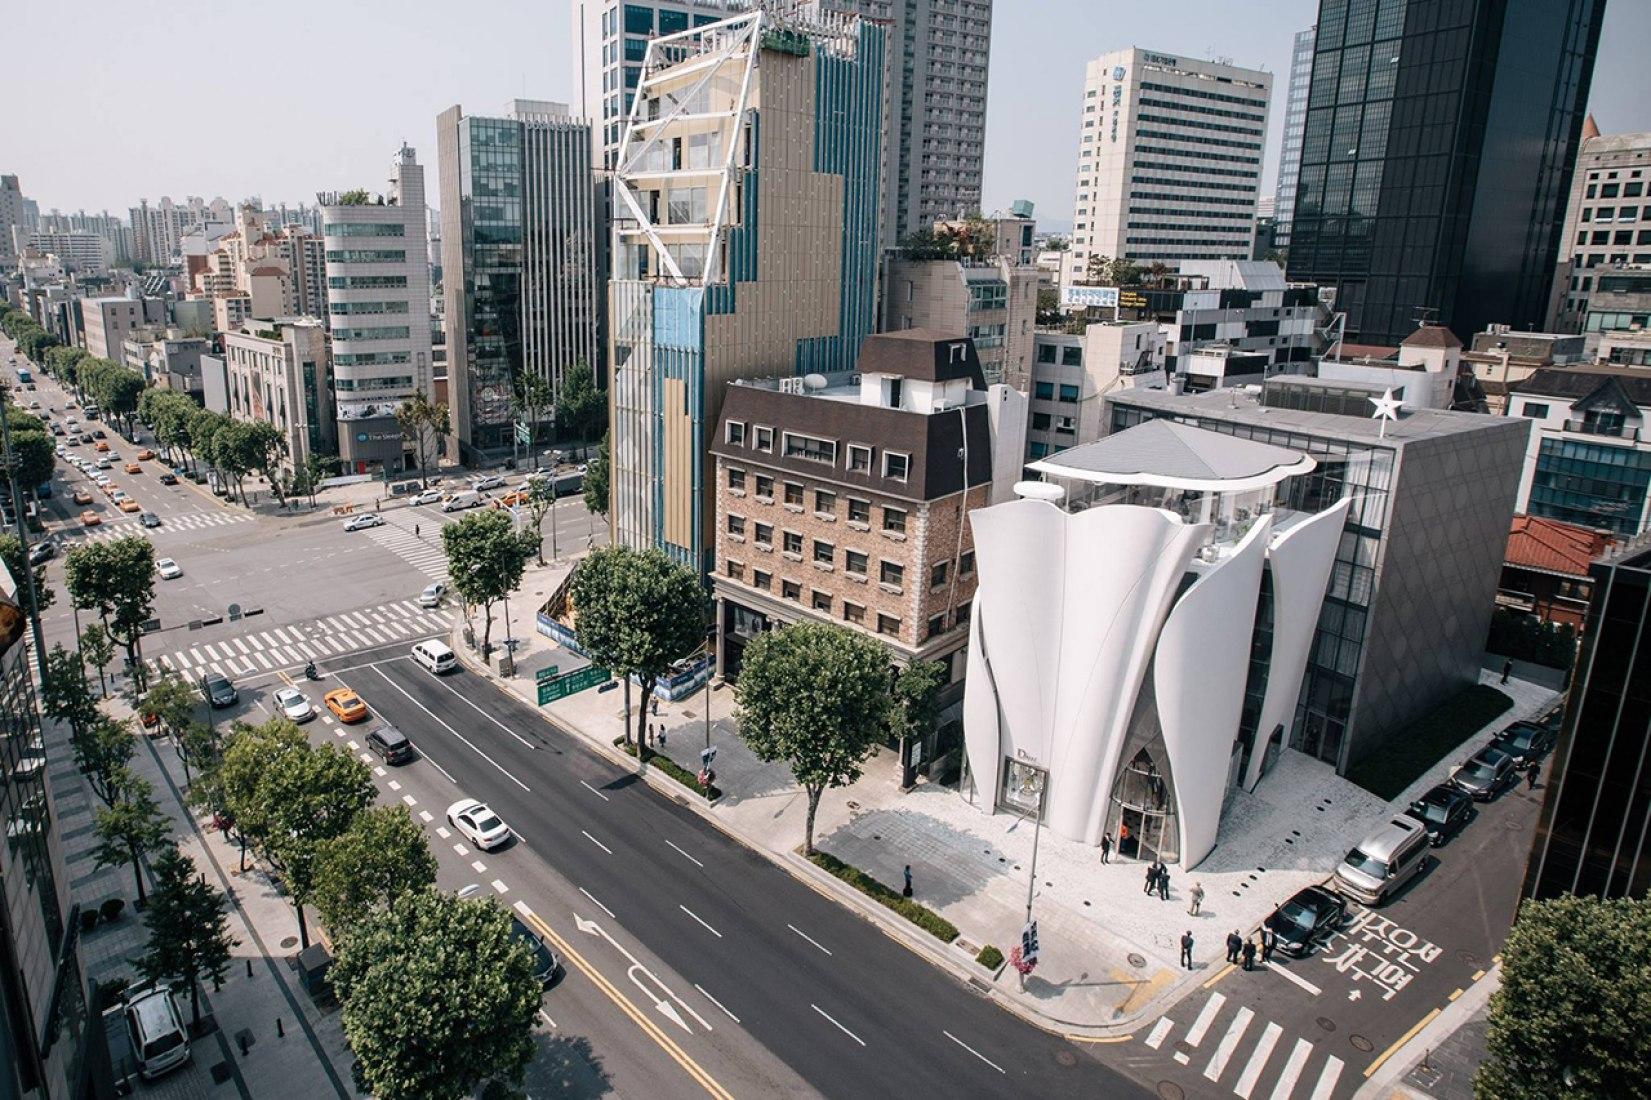 Vista general. Nueva sede de Dior en Seúl por Christian de Portzamparc. Imagen cortesía de Atelier Christian de Portzamparc.